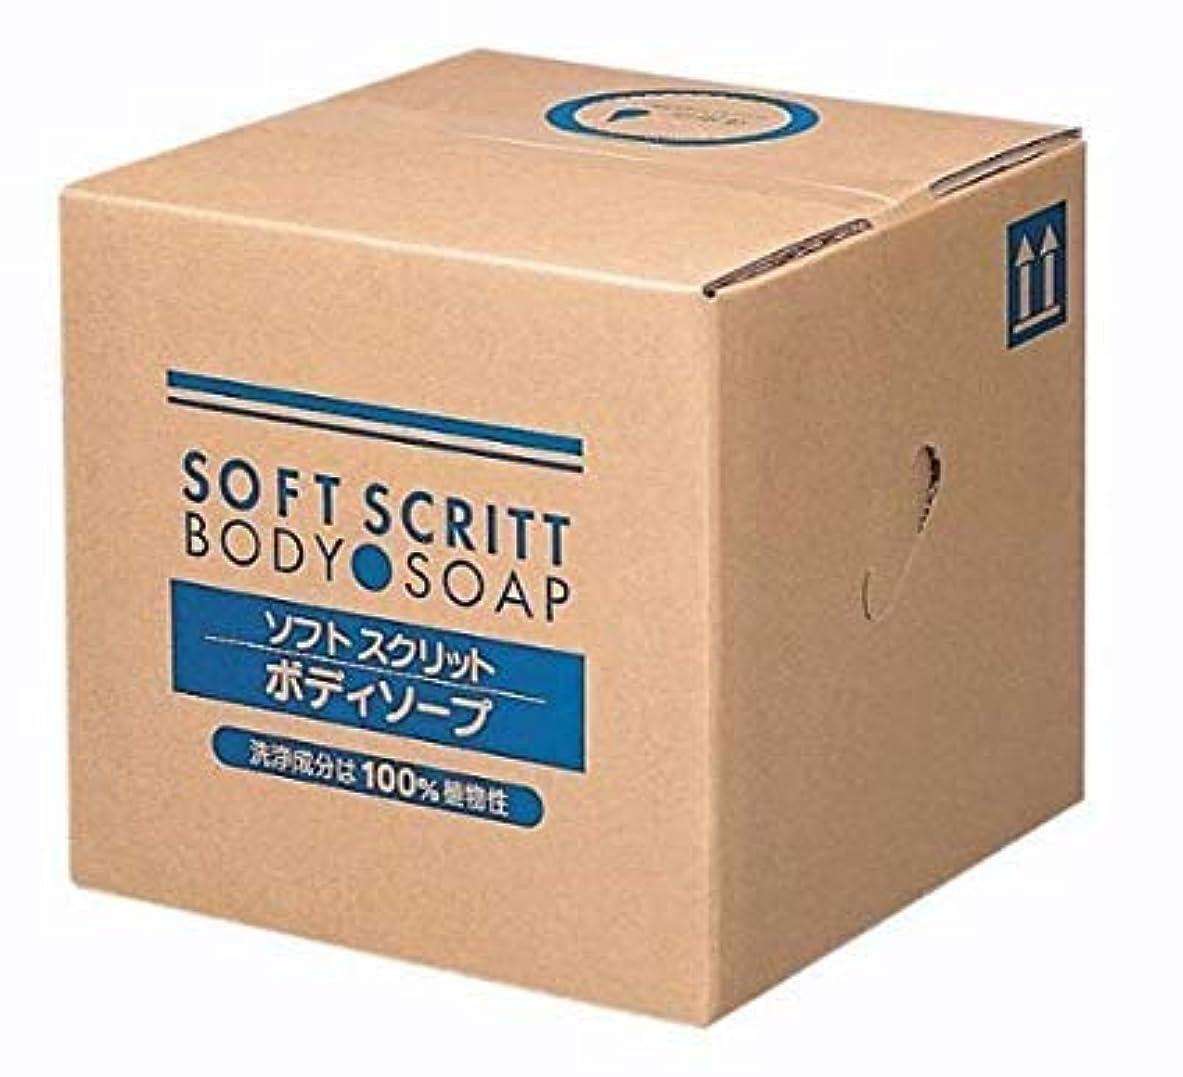 レインコートドメインできた業務用 SOFT SCRITT(ソフト スクリット) ボディソープ 18L 熊野油脂 (コック付き)